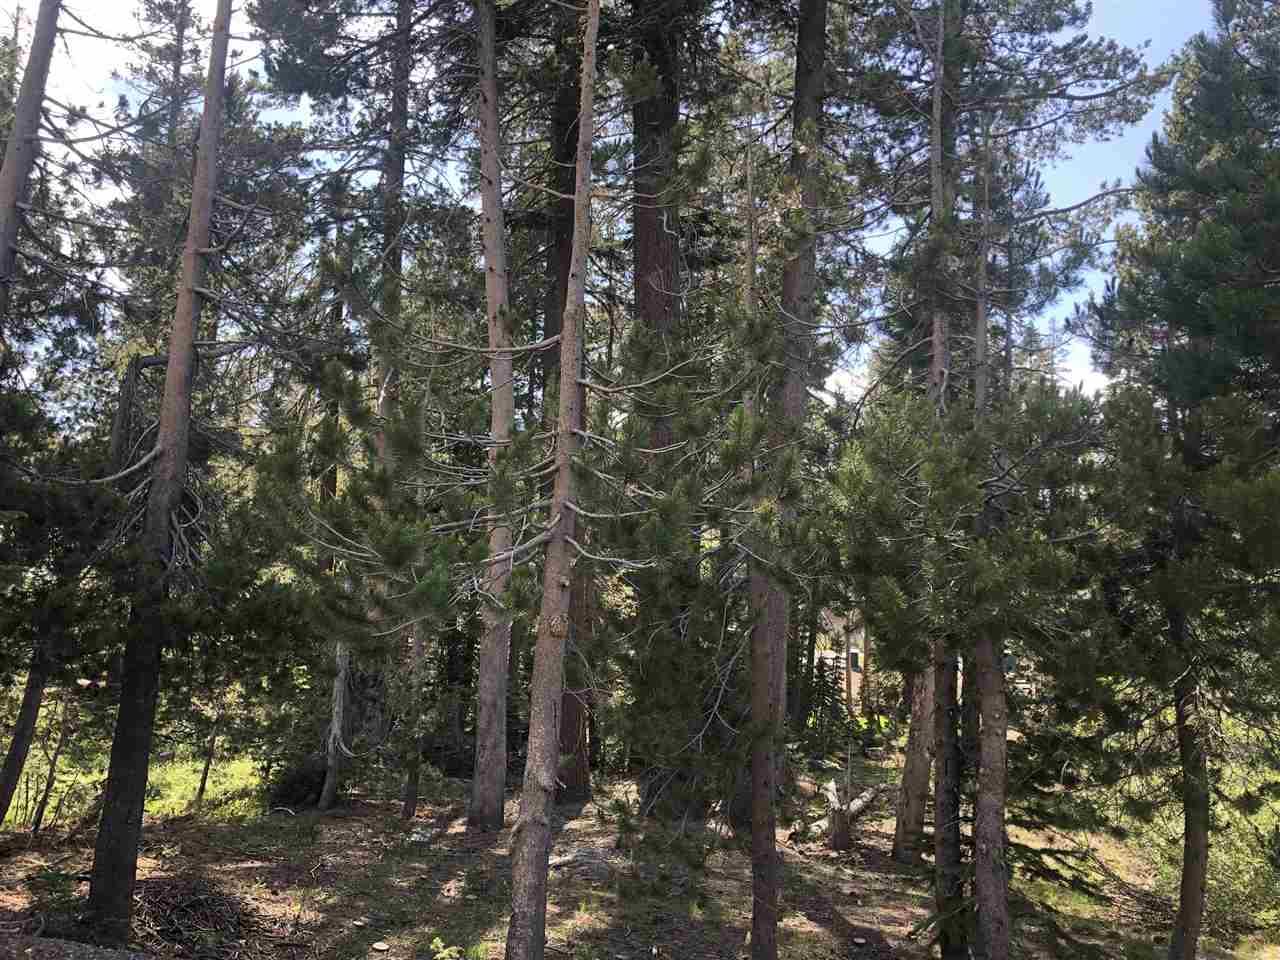 Image for 8161 Soda Springs Road, Soda Springs, CA 95728